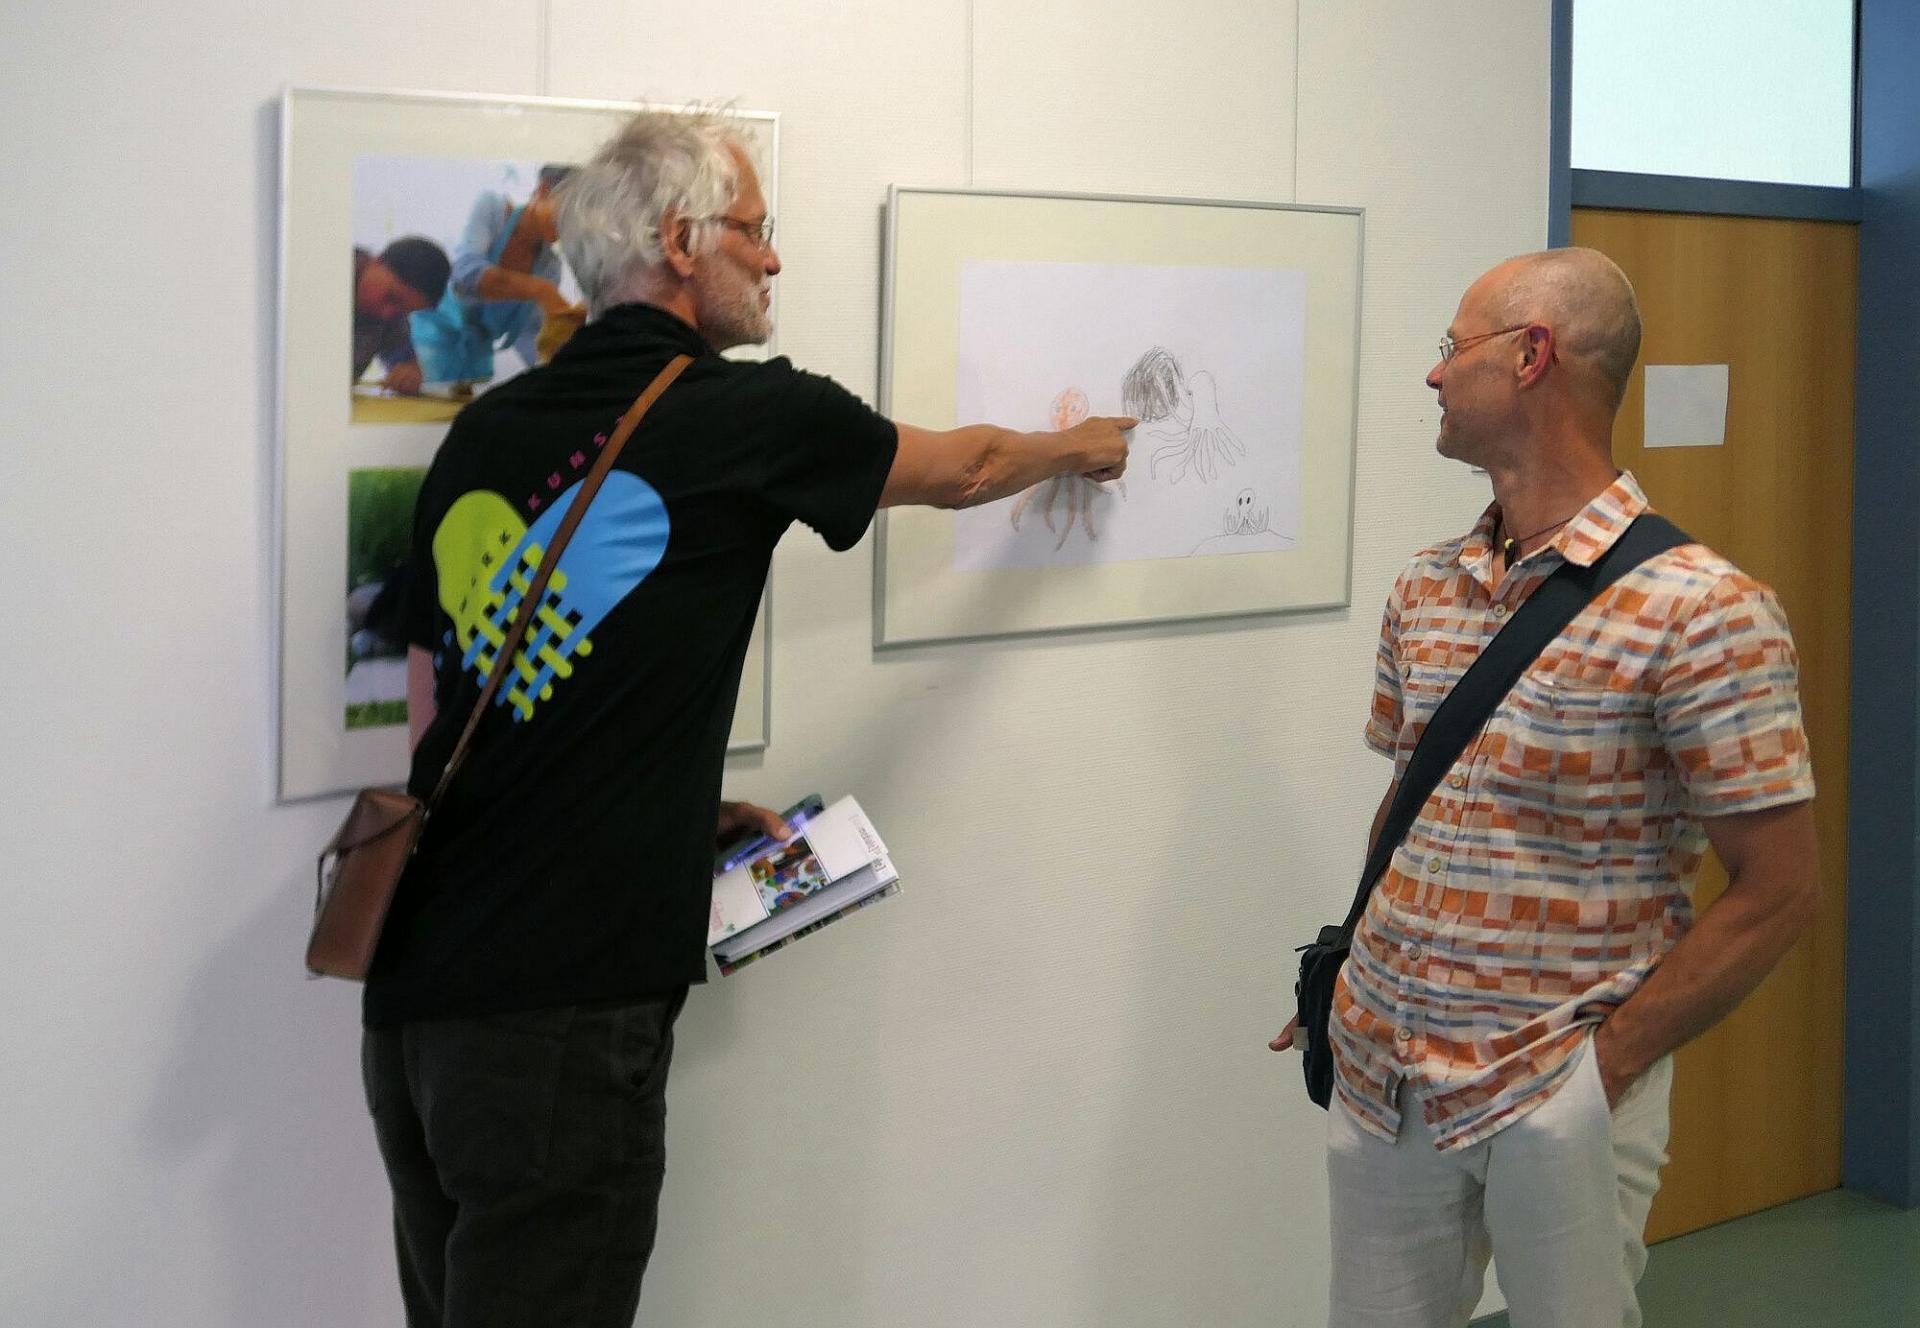 Kurator Harald Larisch (l.) im Gespräch mit Michael Brendel, der das Kinder-Kunst-Projekt geleitet hat.